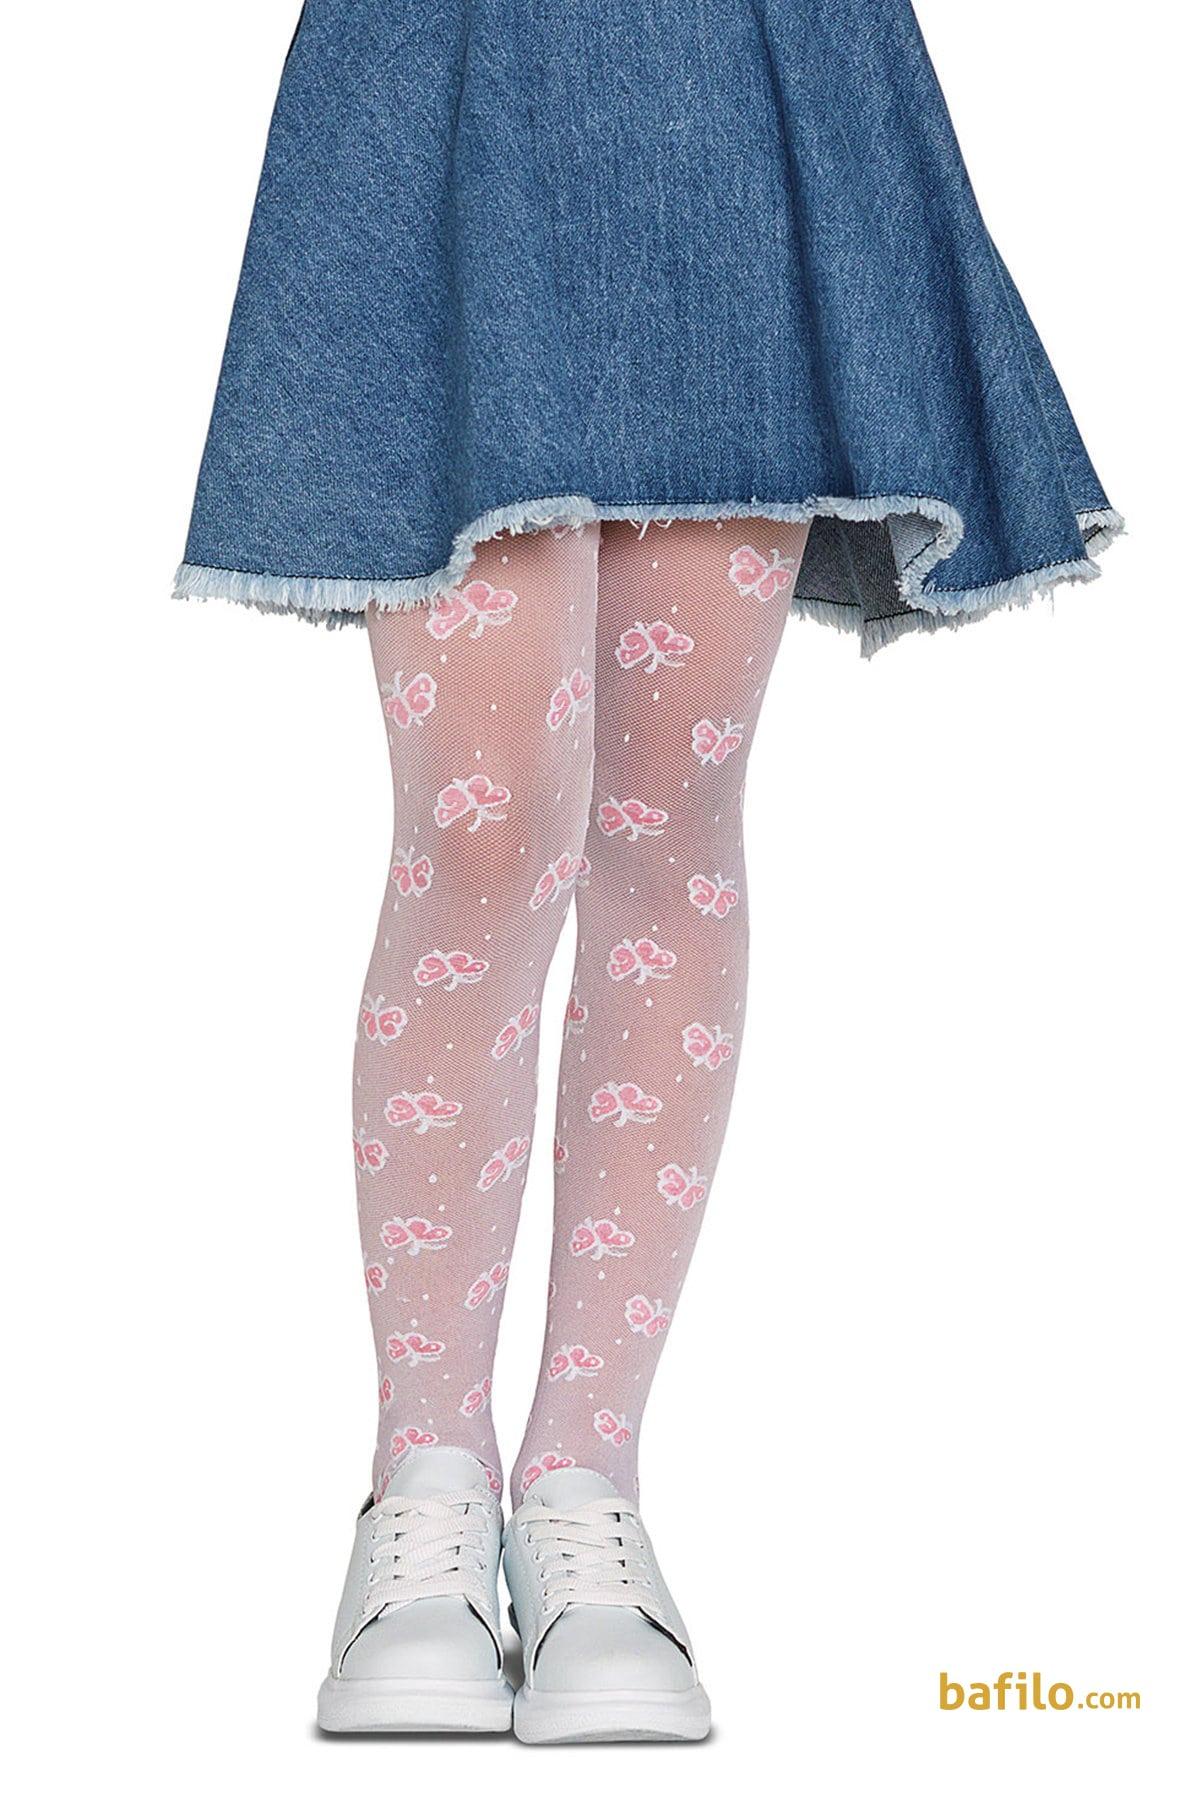 پنتی | Penti - جوراب شلواری طرح دار دخترانه پنتی Wings سفید